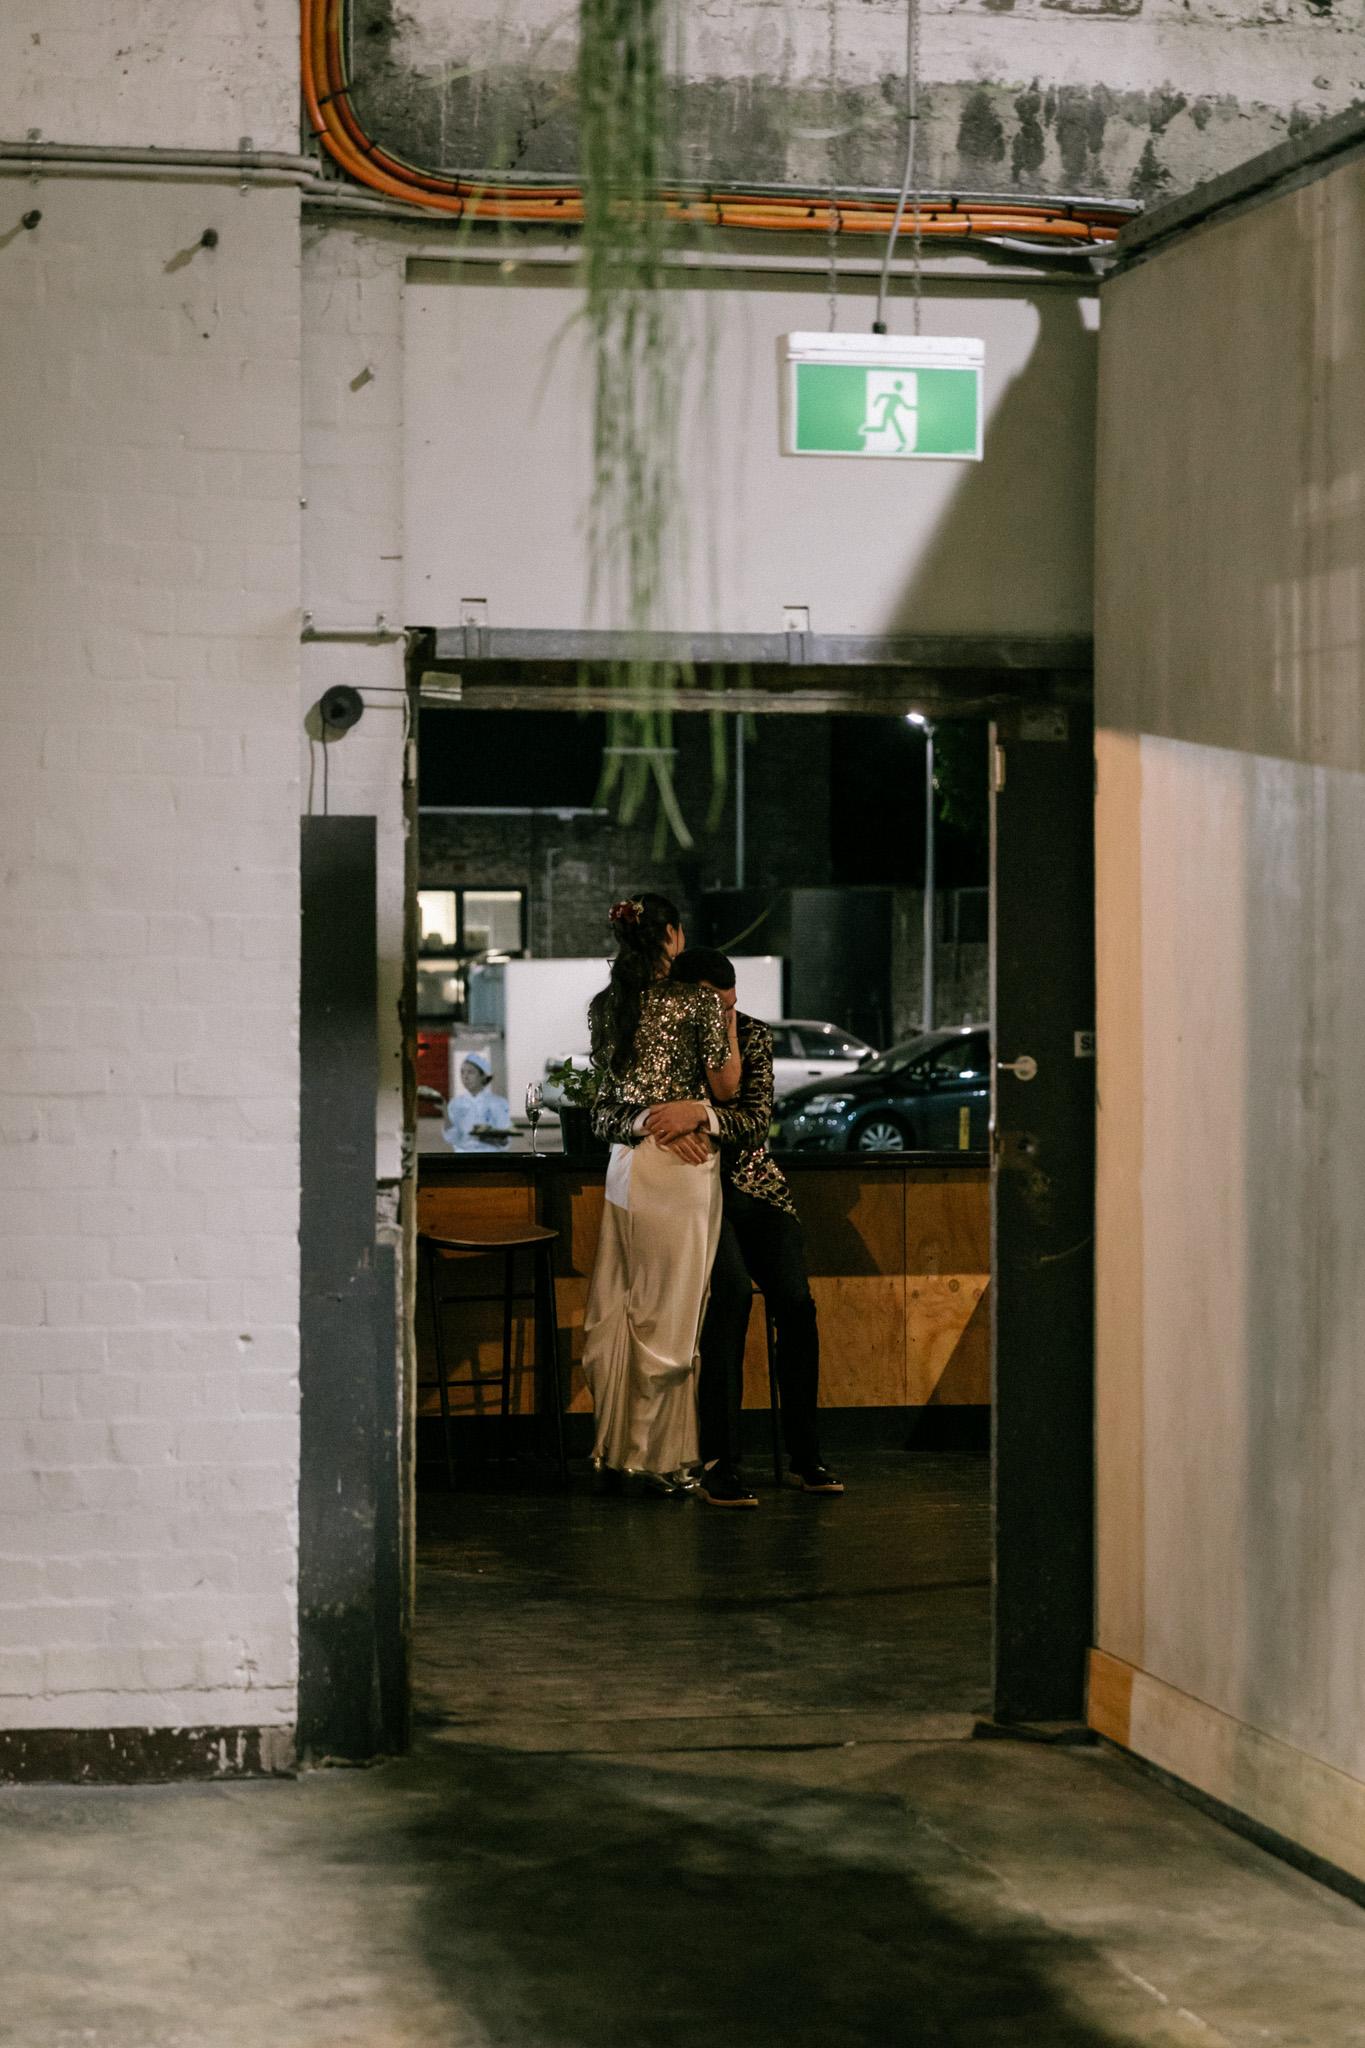 Nick&Ness_2017_credit_OneDaySomewherePhotographyuntitled-599.jpg